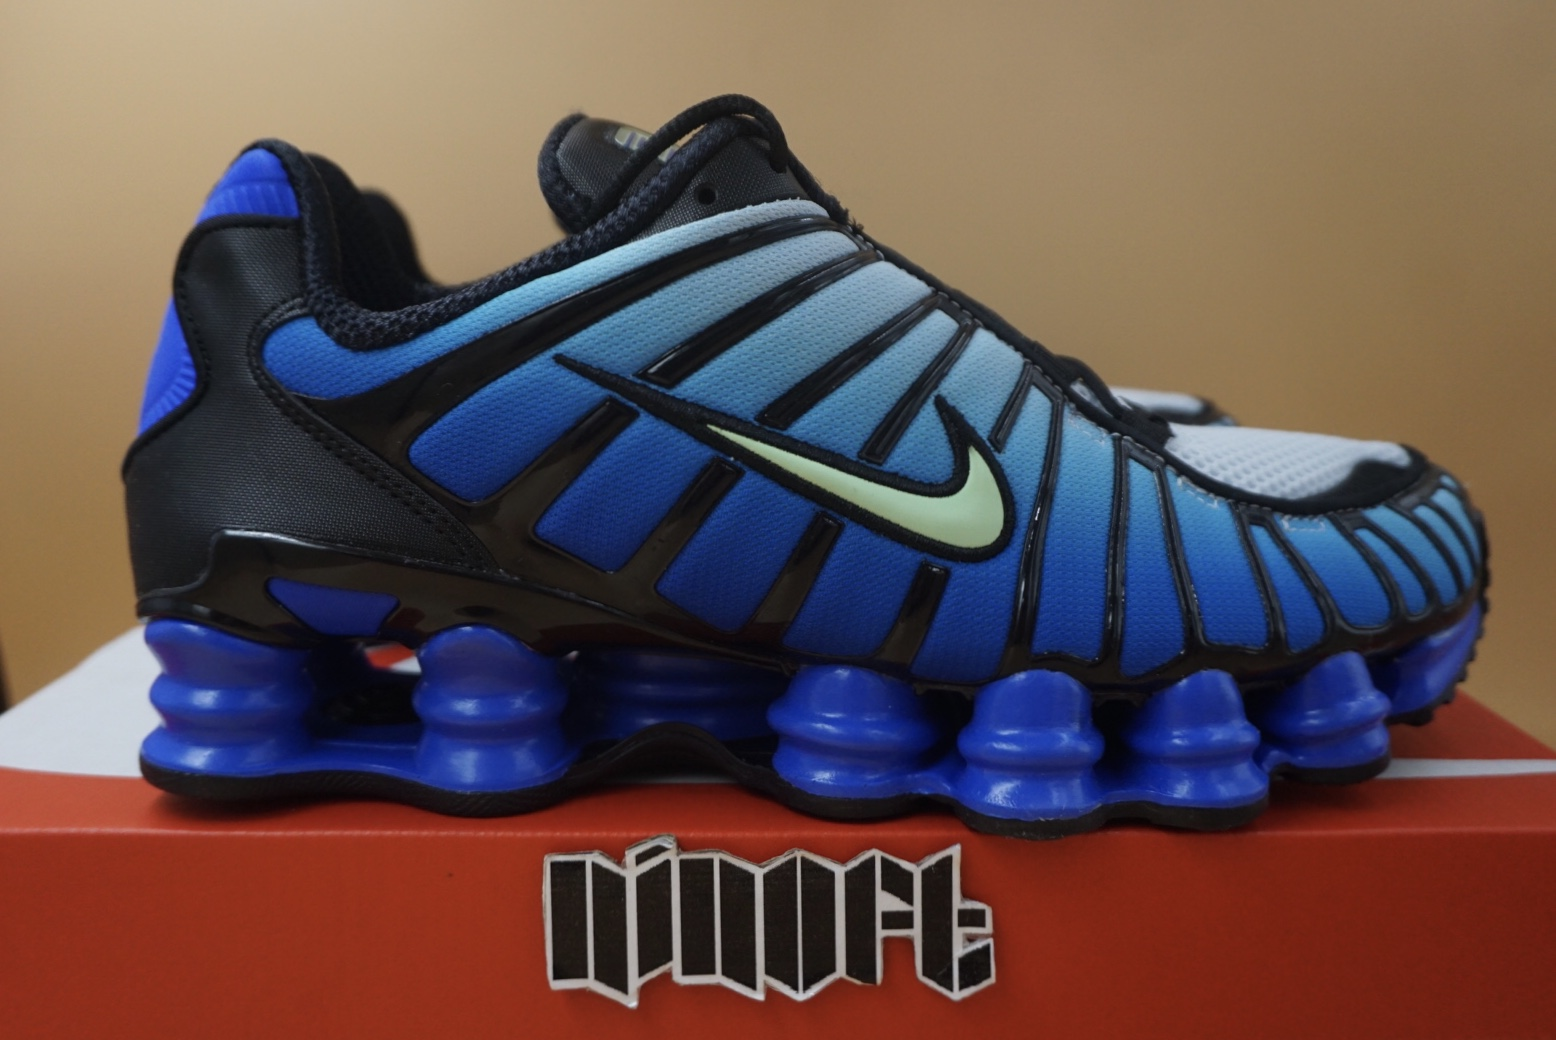 superávit intermitente Escoger  Nike Nike Shox Tl Black Vapor Green Racer Blue Av3595 009 | Grailed